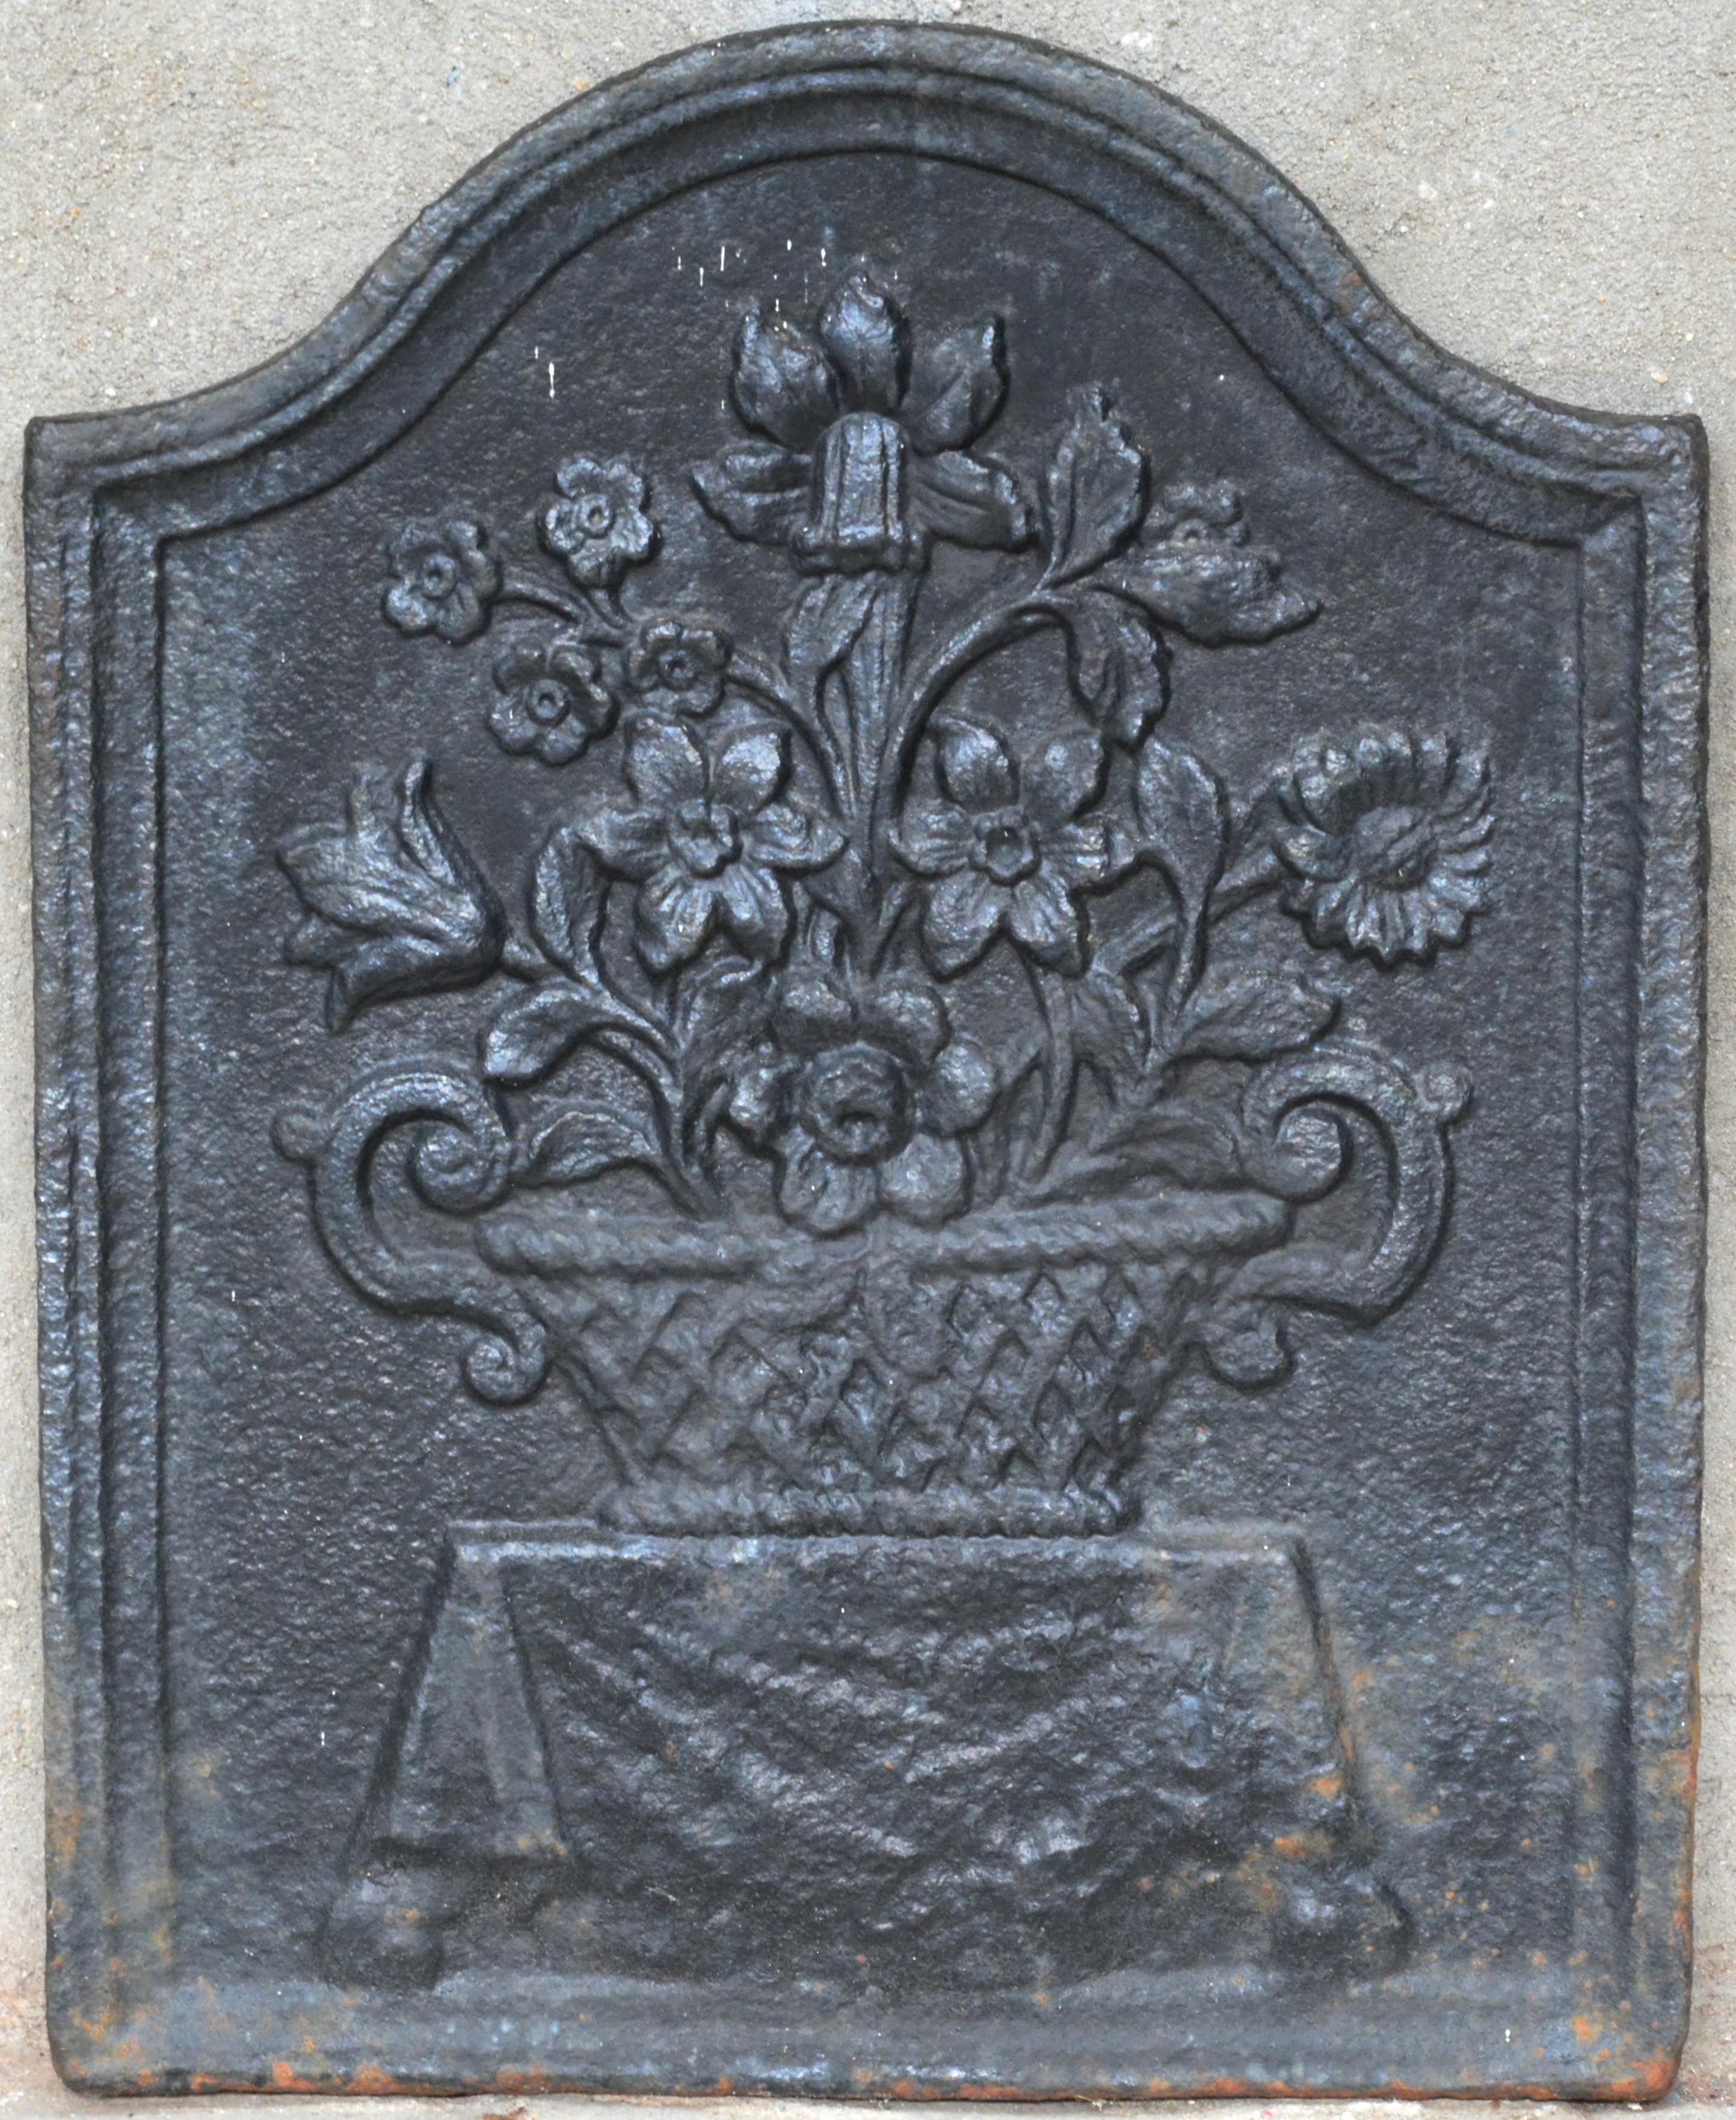 Antieke Gietijzeren Haardplaat.Een Antieke Gietijzeren Haardplaat Met Een Bloemenmand In